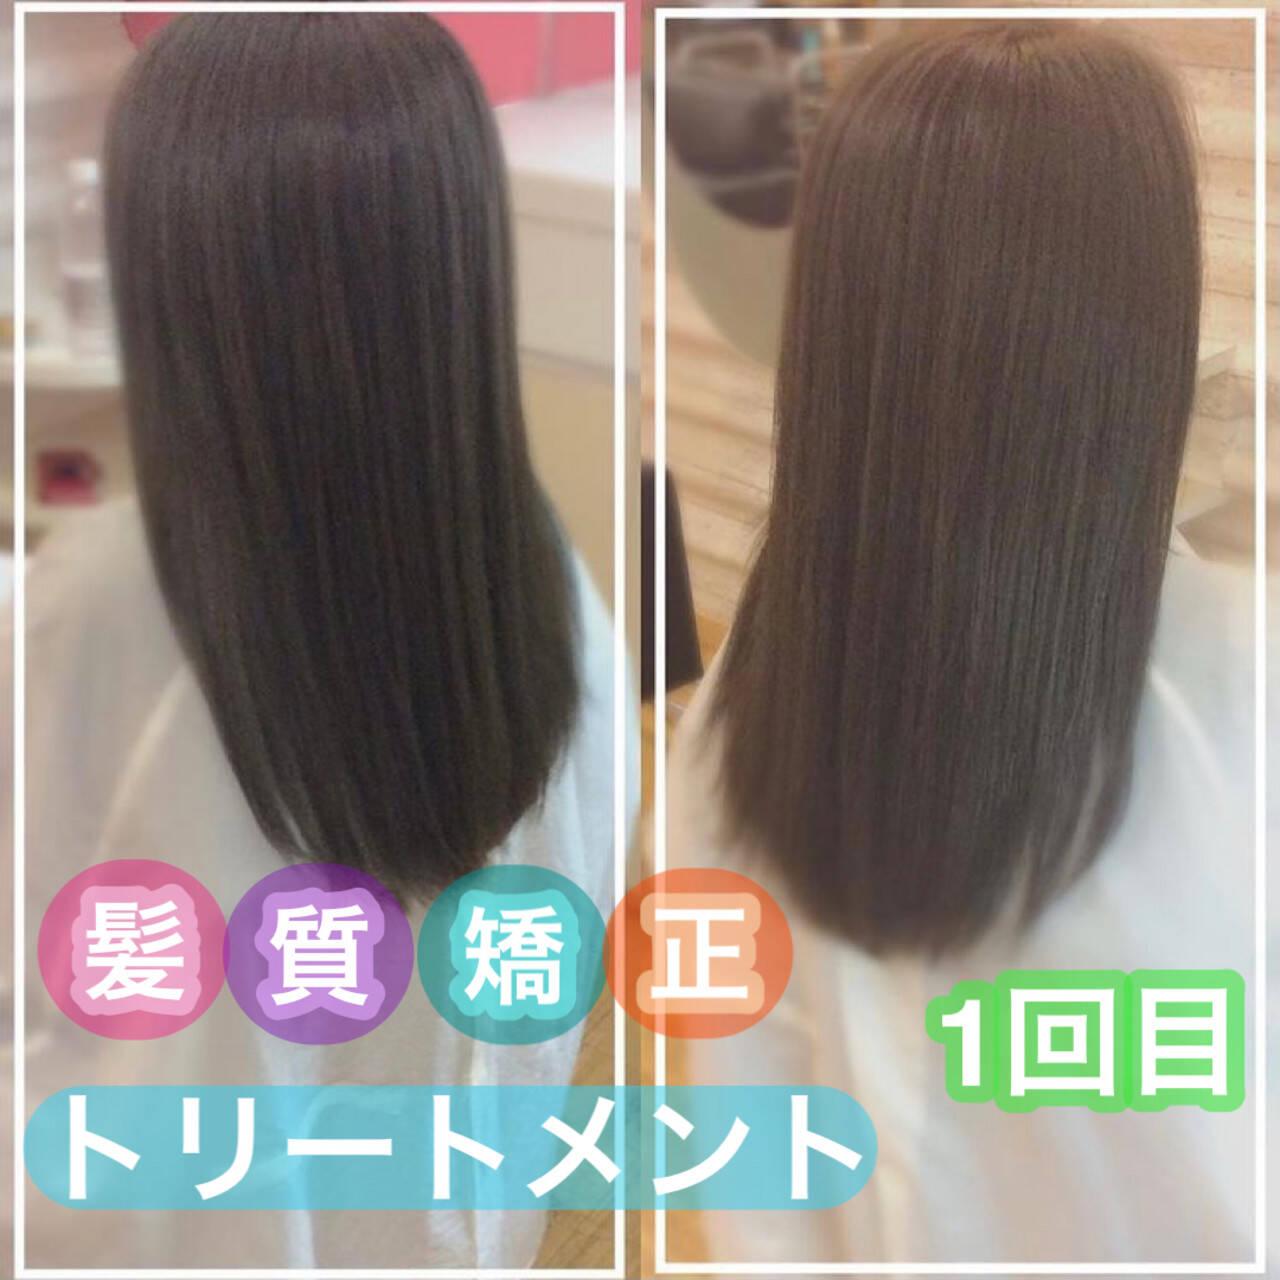 ナチュラル 大人ロング 髪質改善トリートメント 髪質改善カラーヘアスタイルや髪型の写真・画像